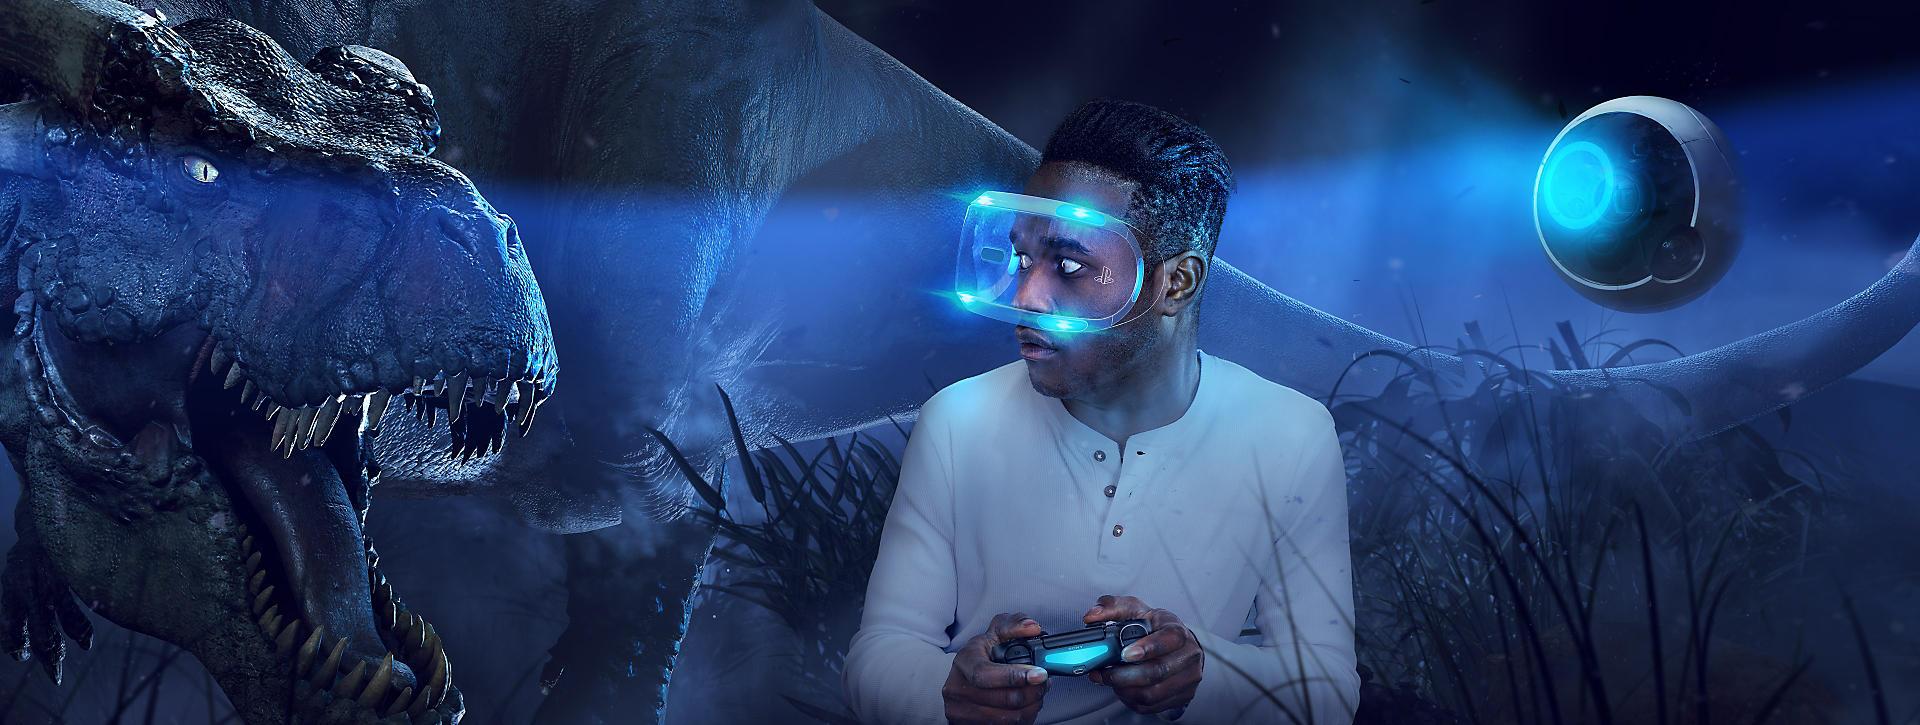 """PlayStation VR bleibt deutlich hinter den Erwartungen – VR als """"größter Verlierer"""" im Gaming-Bereich"""